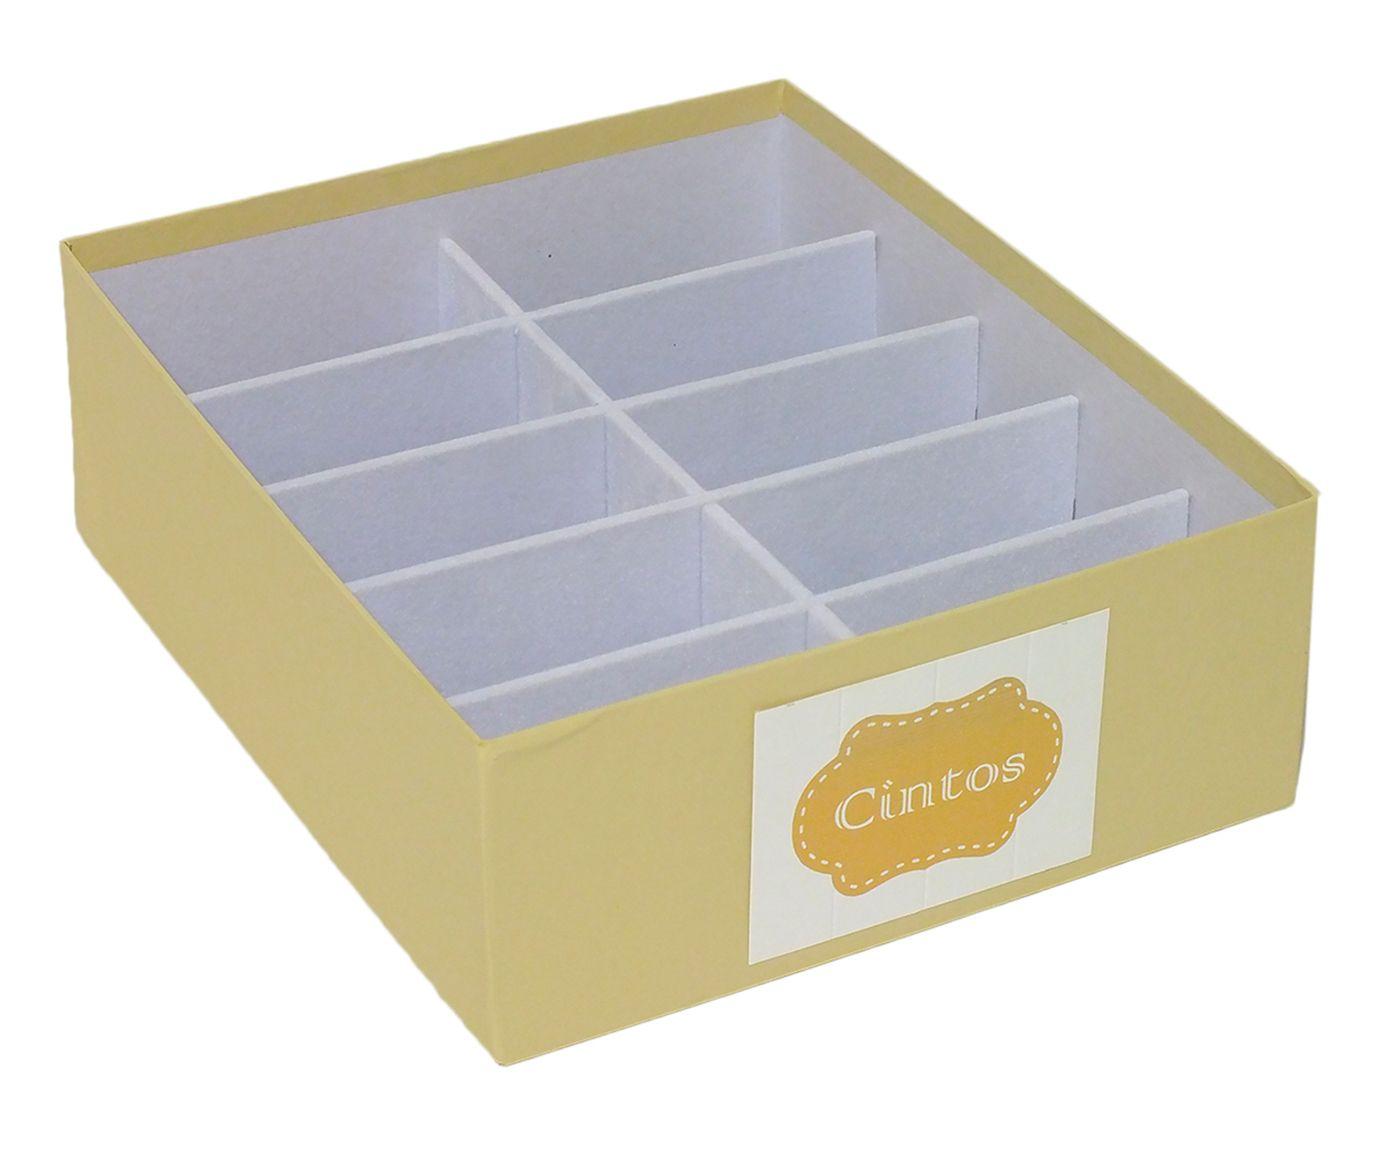 Caixa Organizadora para Cintos Tag Nola Bege - 30X10X25cm | Westwing.com.br